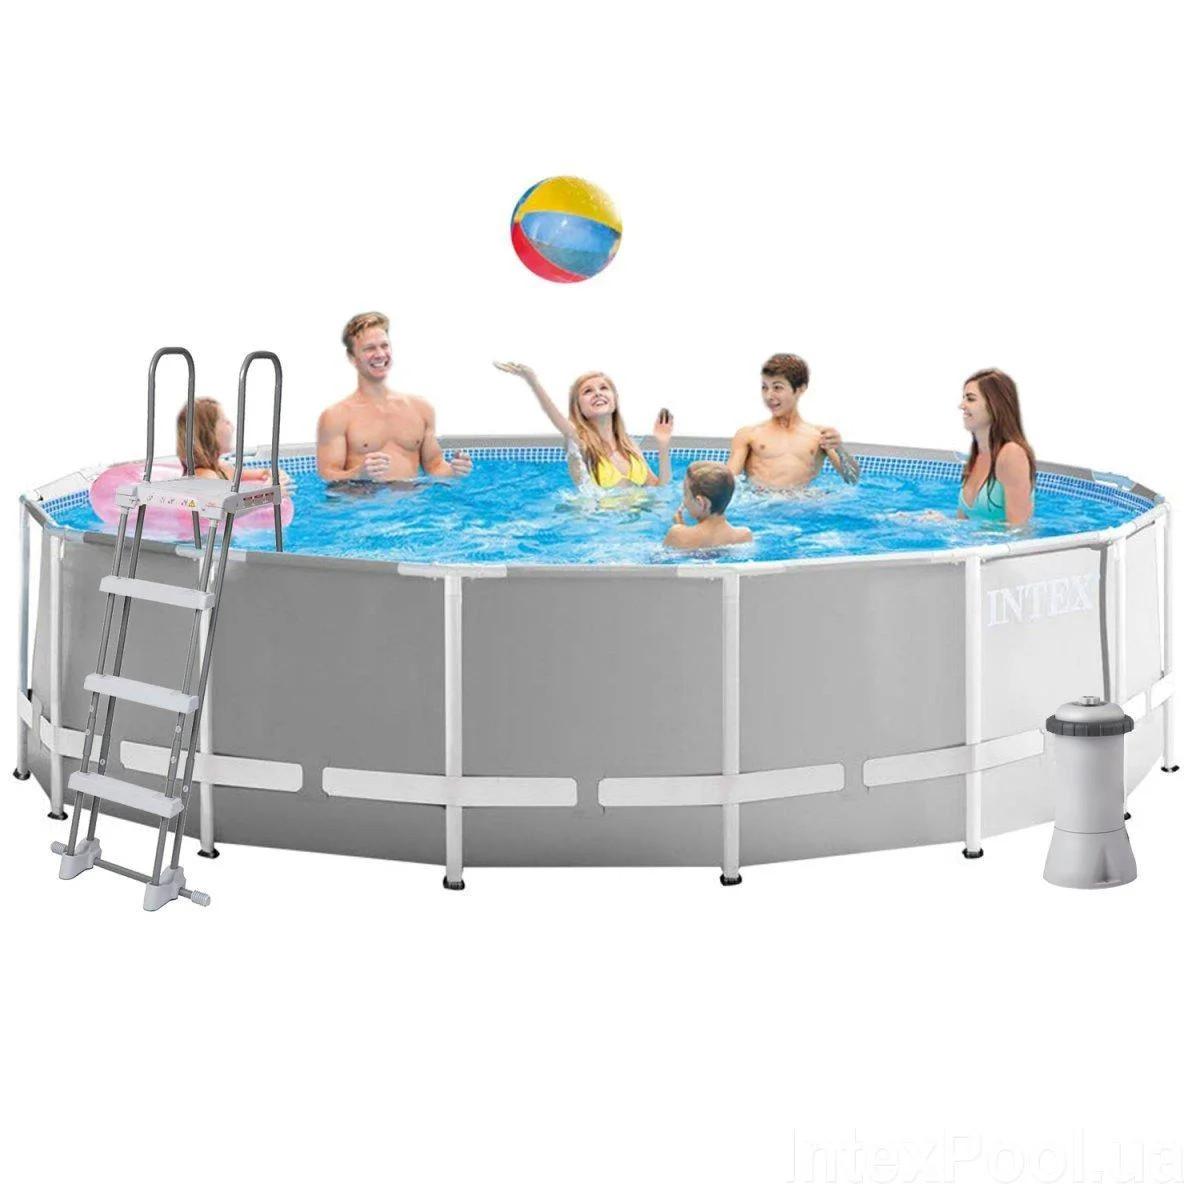 Каркасный бассейн Intex Prism Frame Pool 28756 457 см х 122 см с фильтрующим насосом и аксессуарами